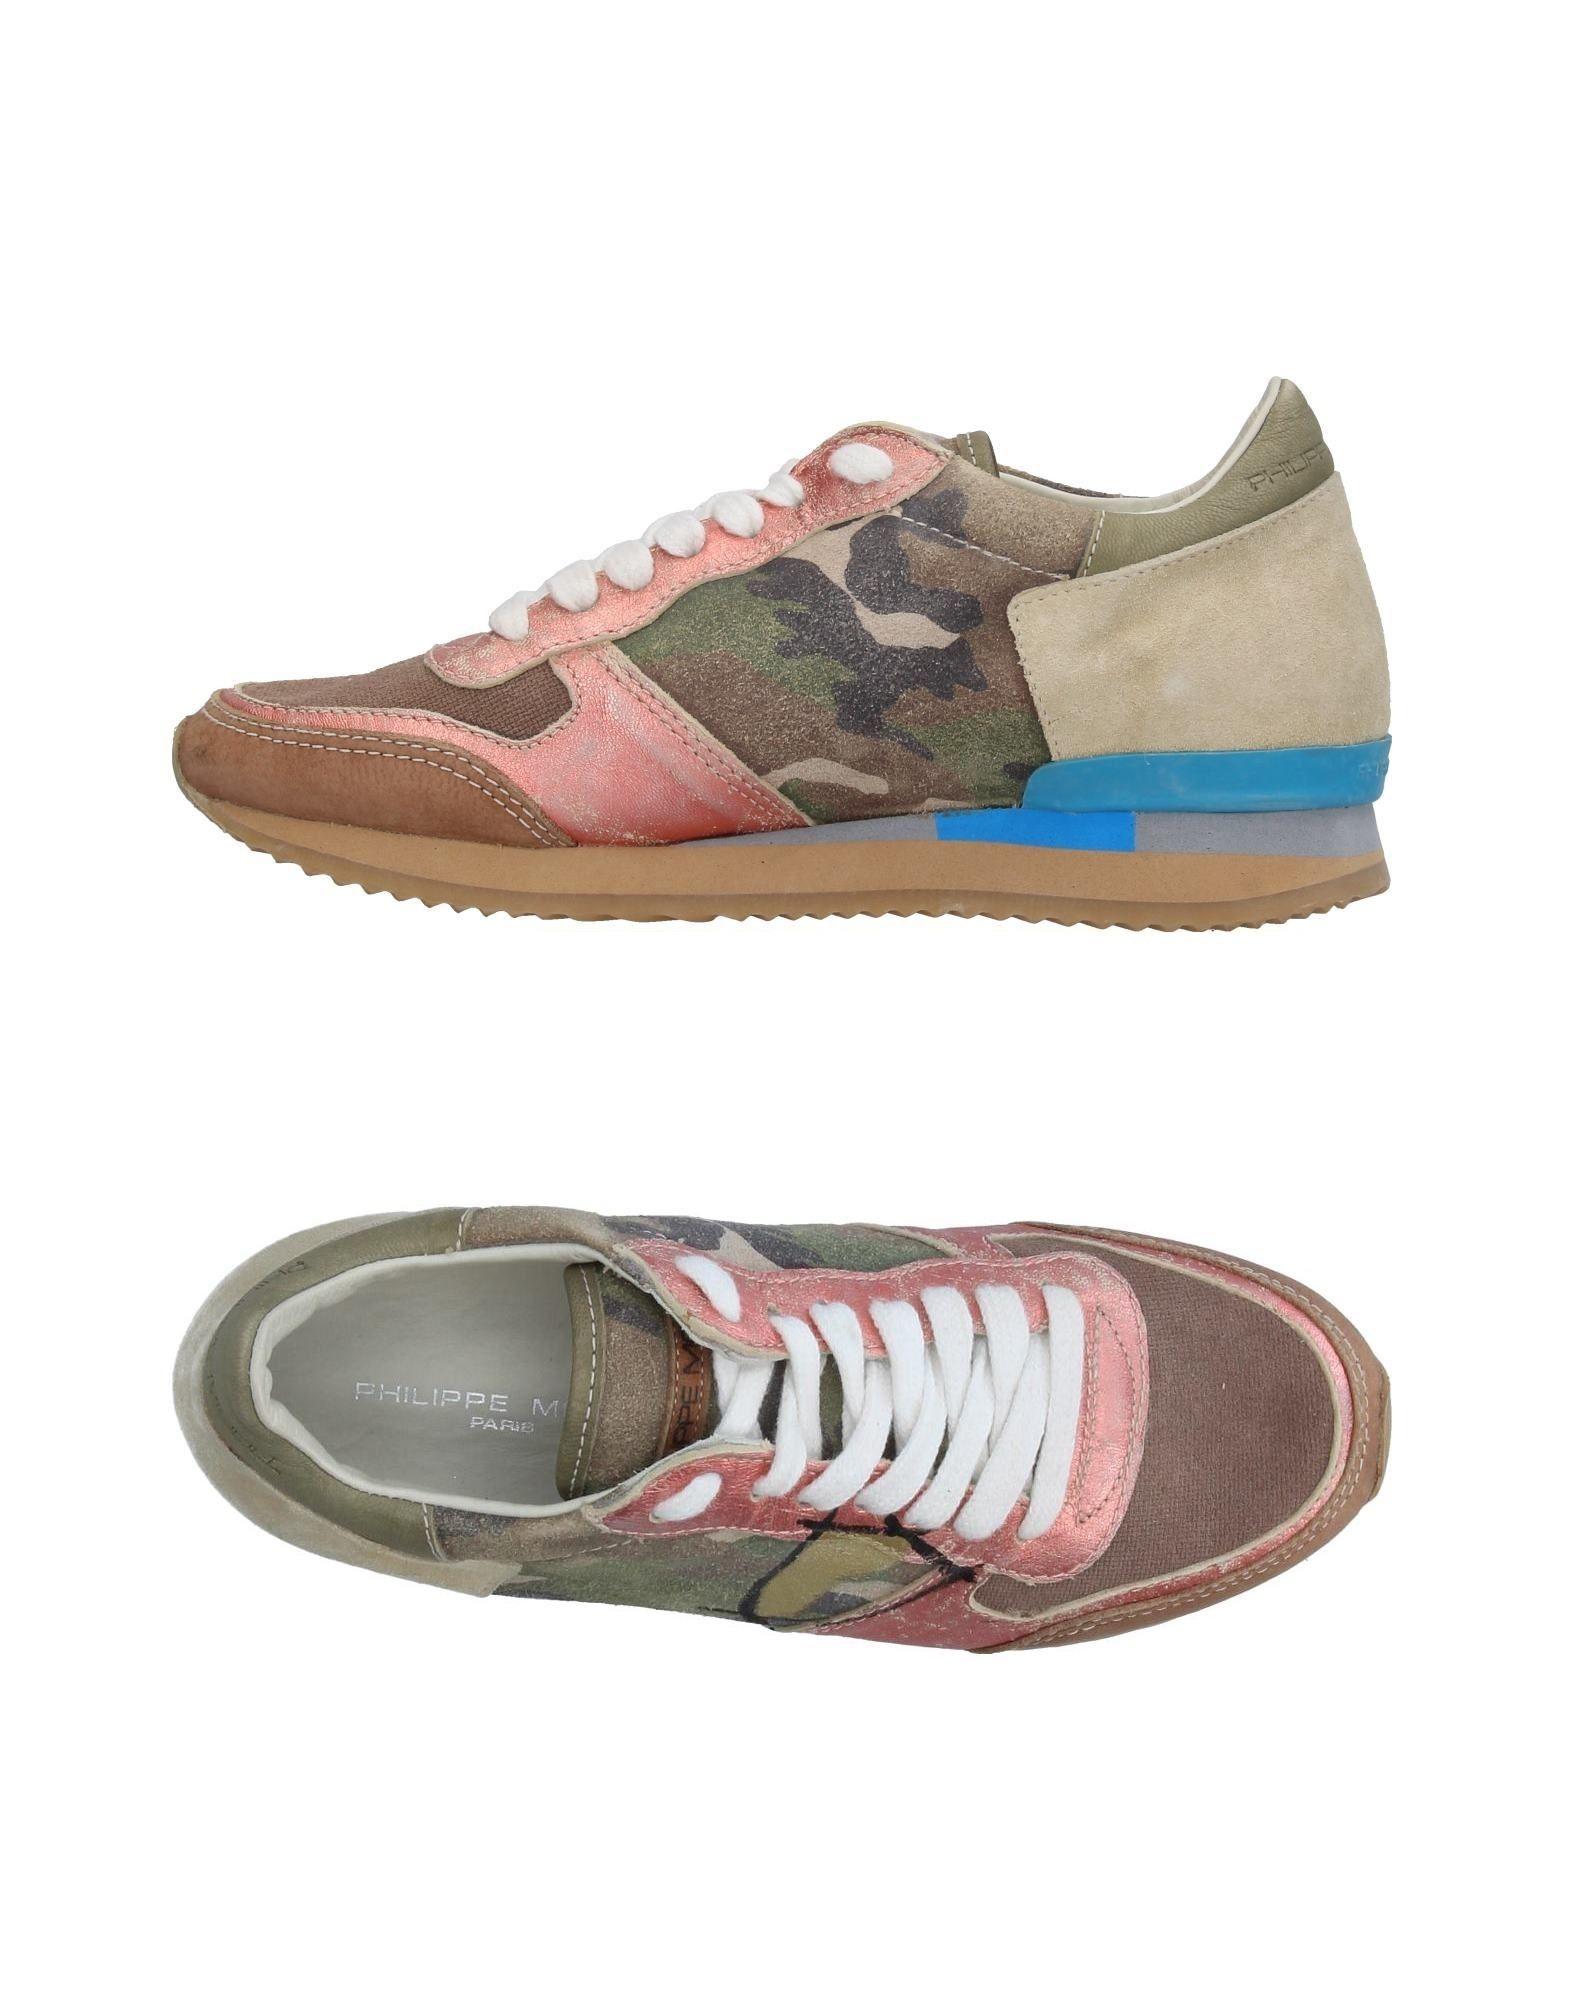 Philippe Model Sneakers Damen Schuhe  11368342KMGut aussehende strapazierfähige Schuhe Damen 7a069e